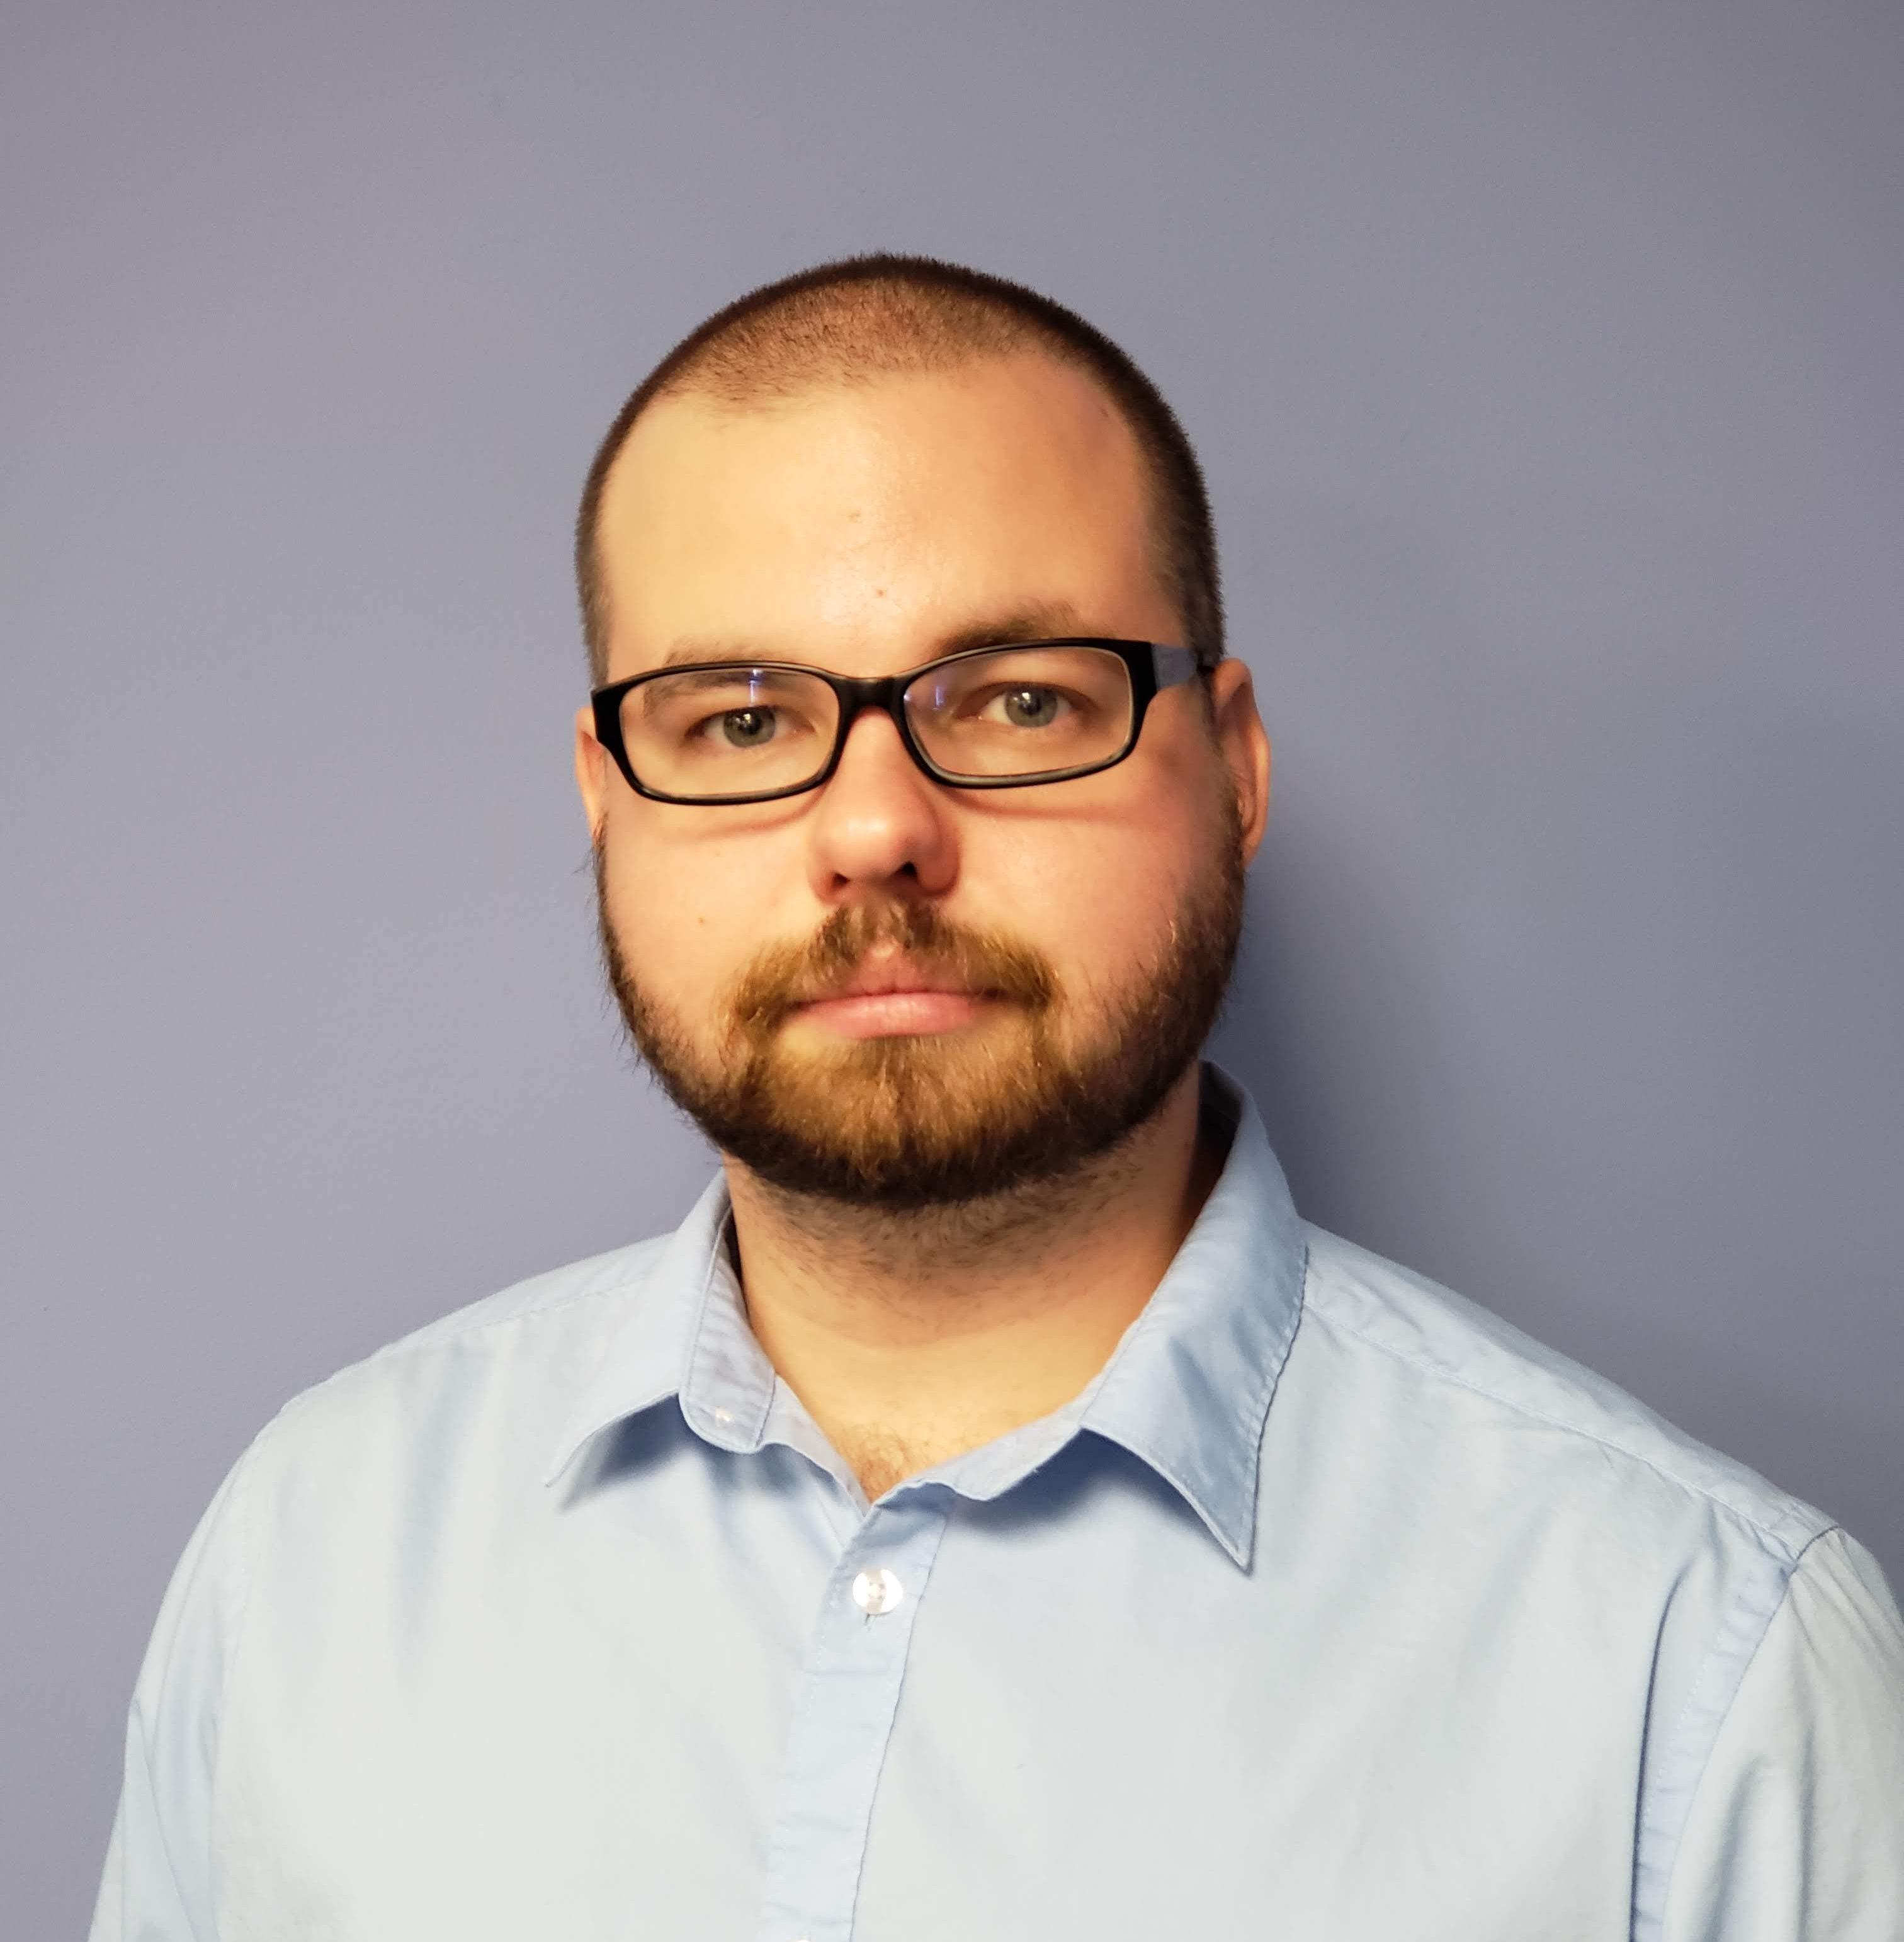 Kirill Zhurauliou